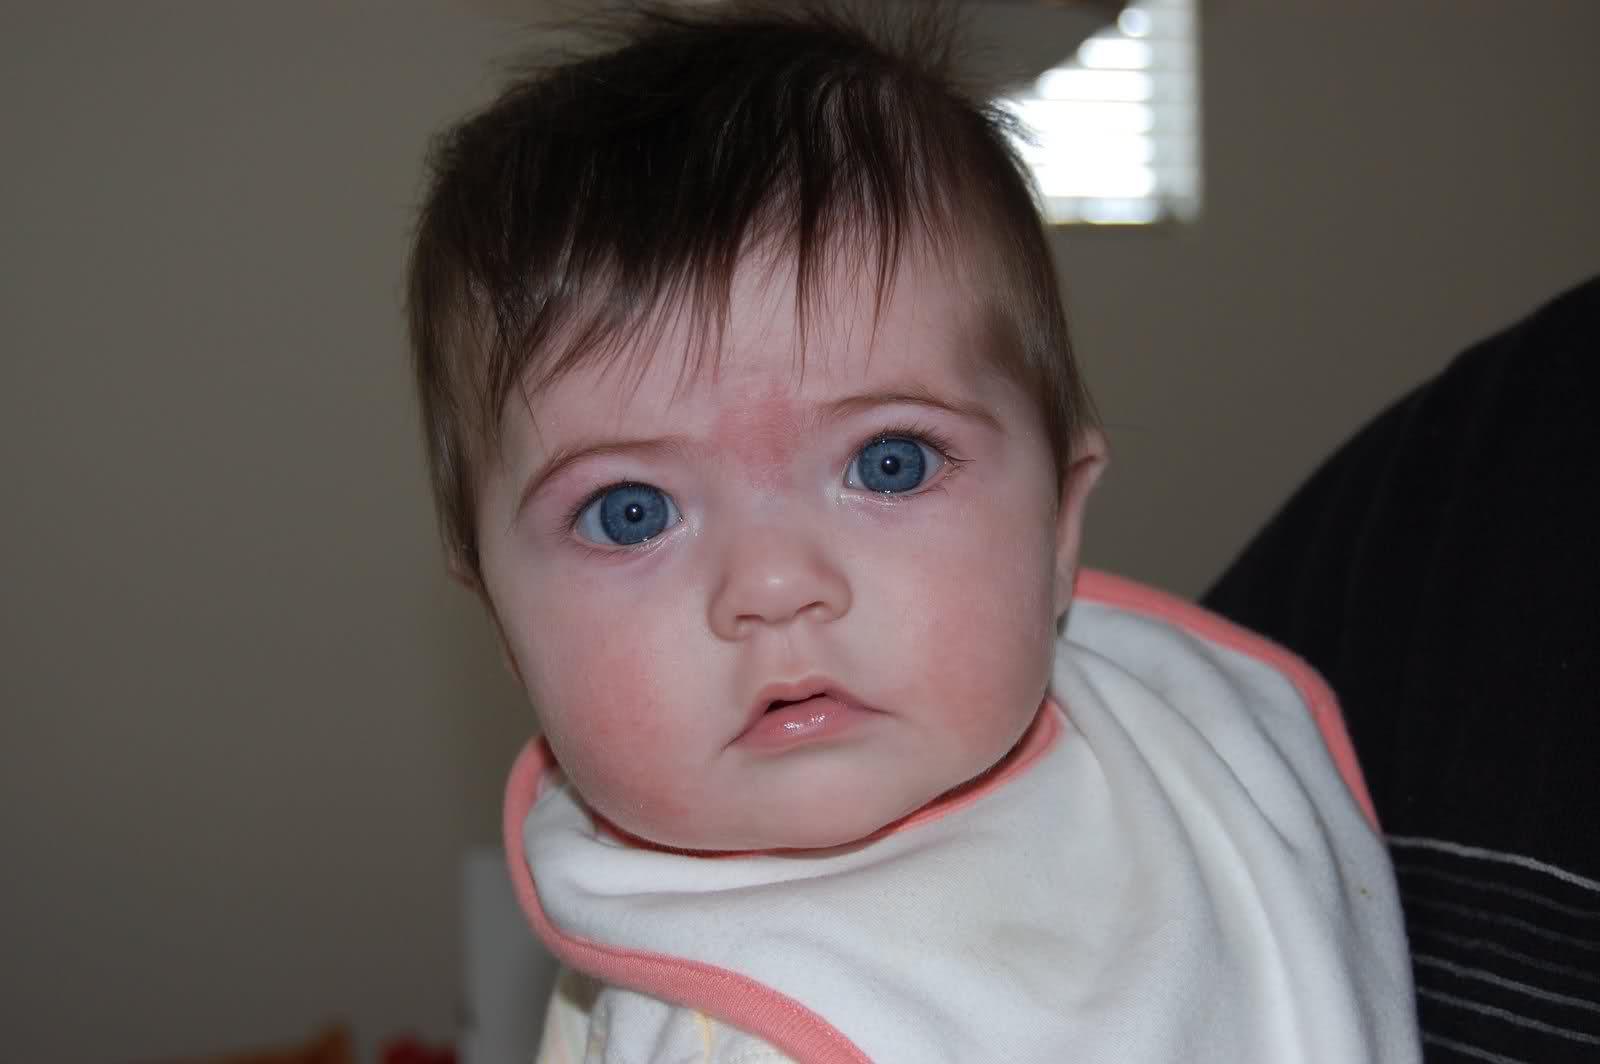 بالصور صور اجمل طفل , اجمل واروع صور الاطفال 3562 10